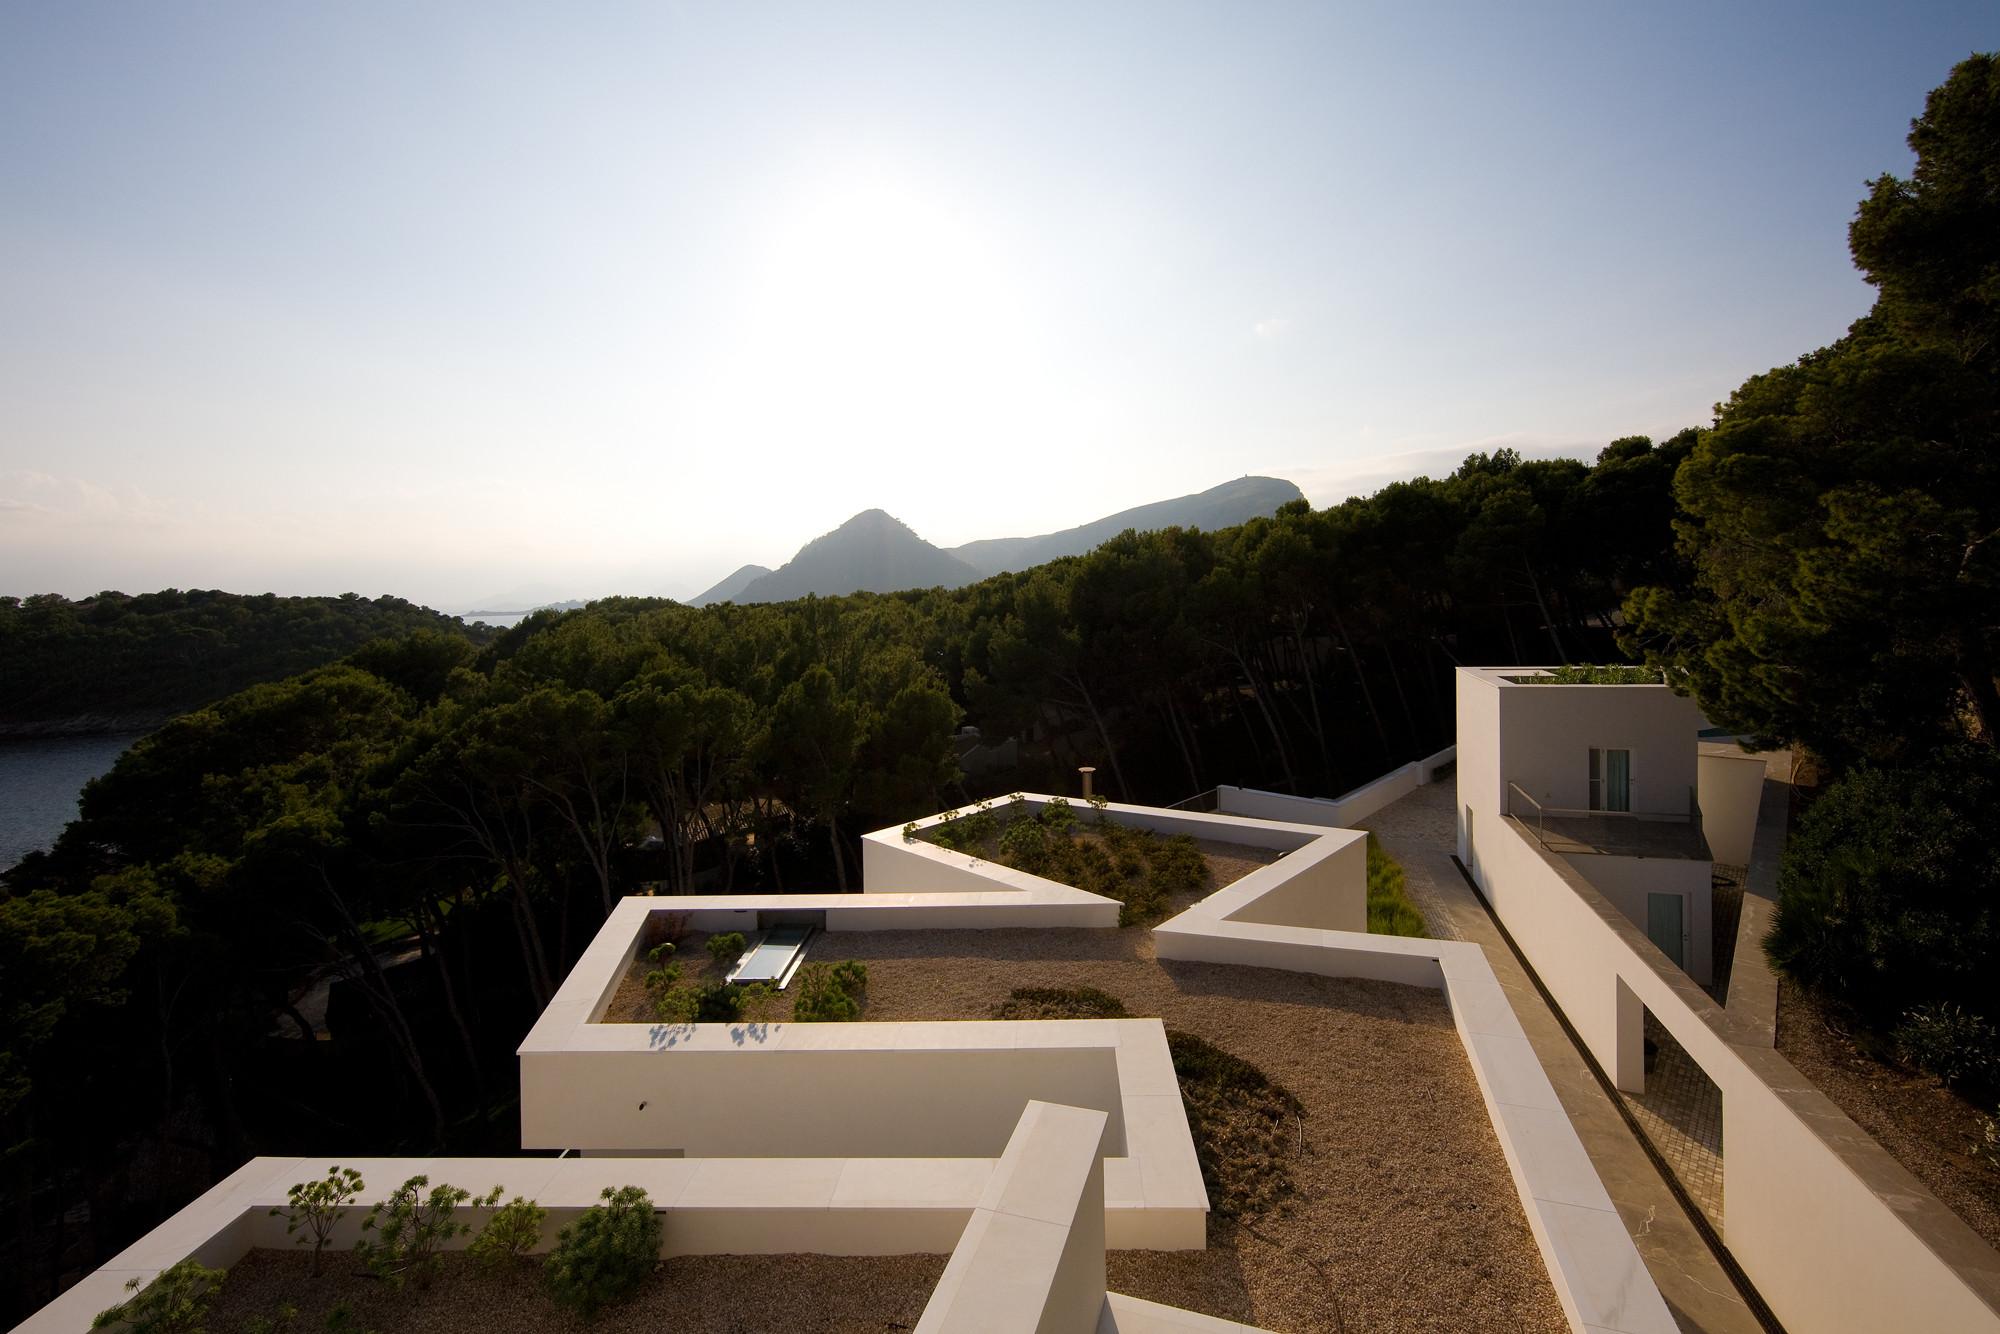 House in Mallorca - 2008. Image © Fernando Guerra | FG+SG